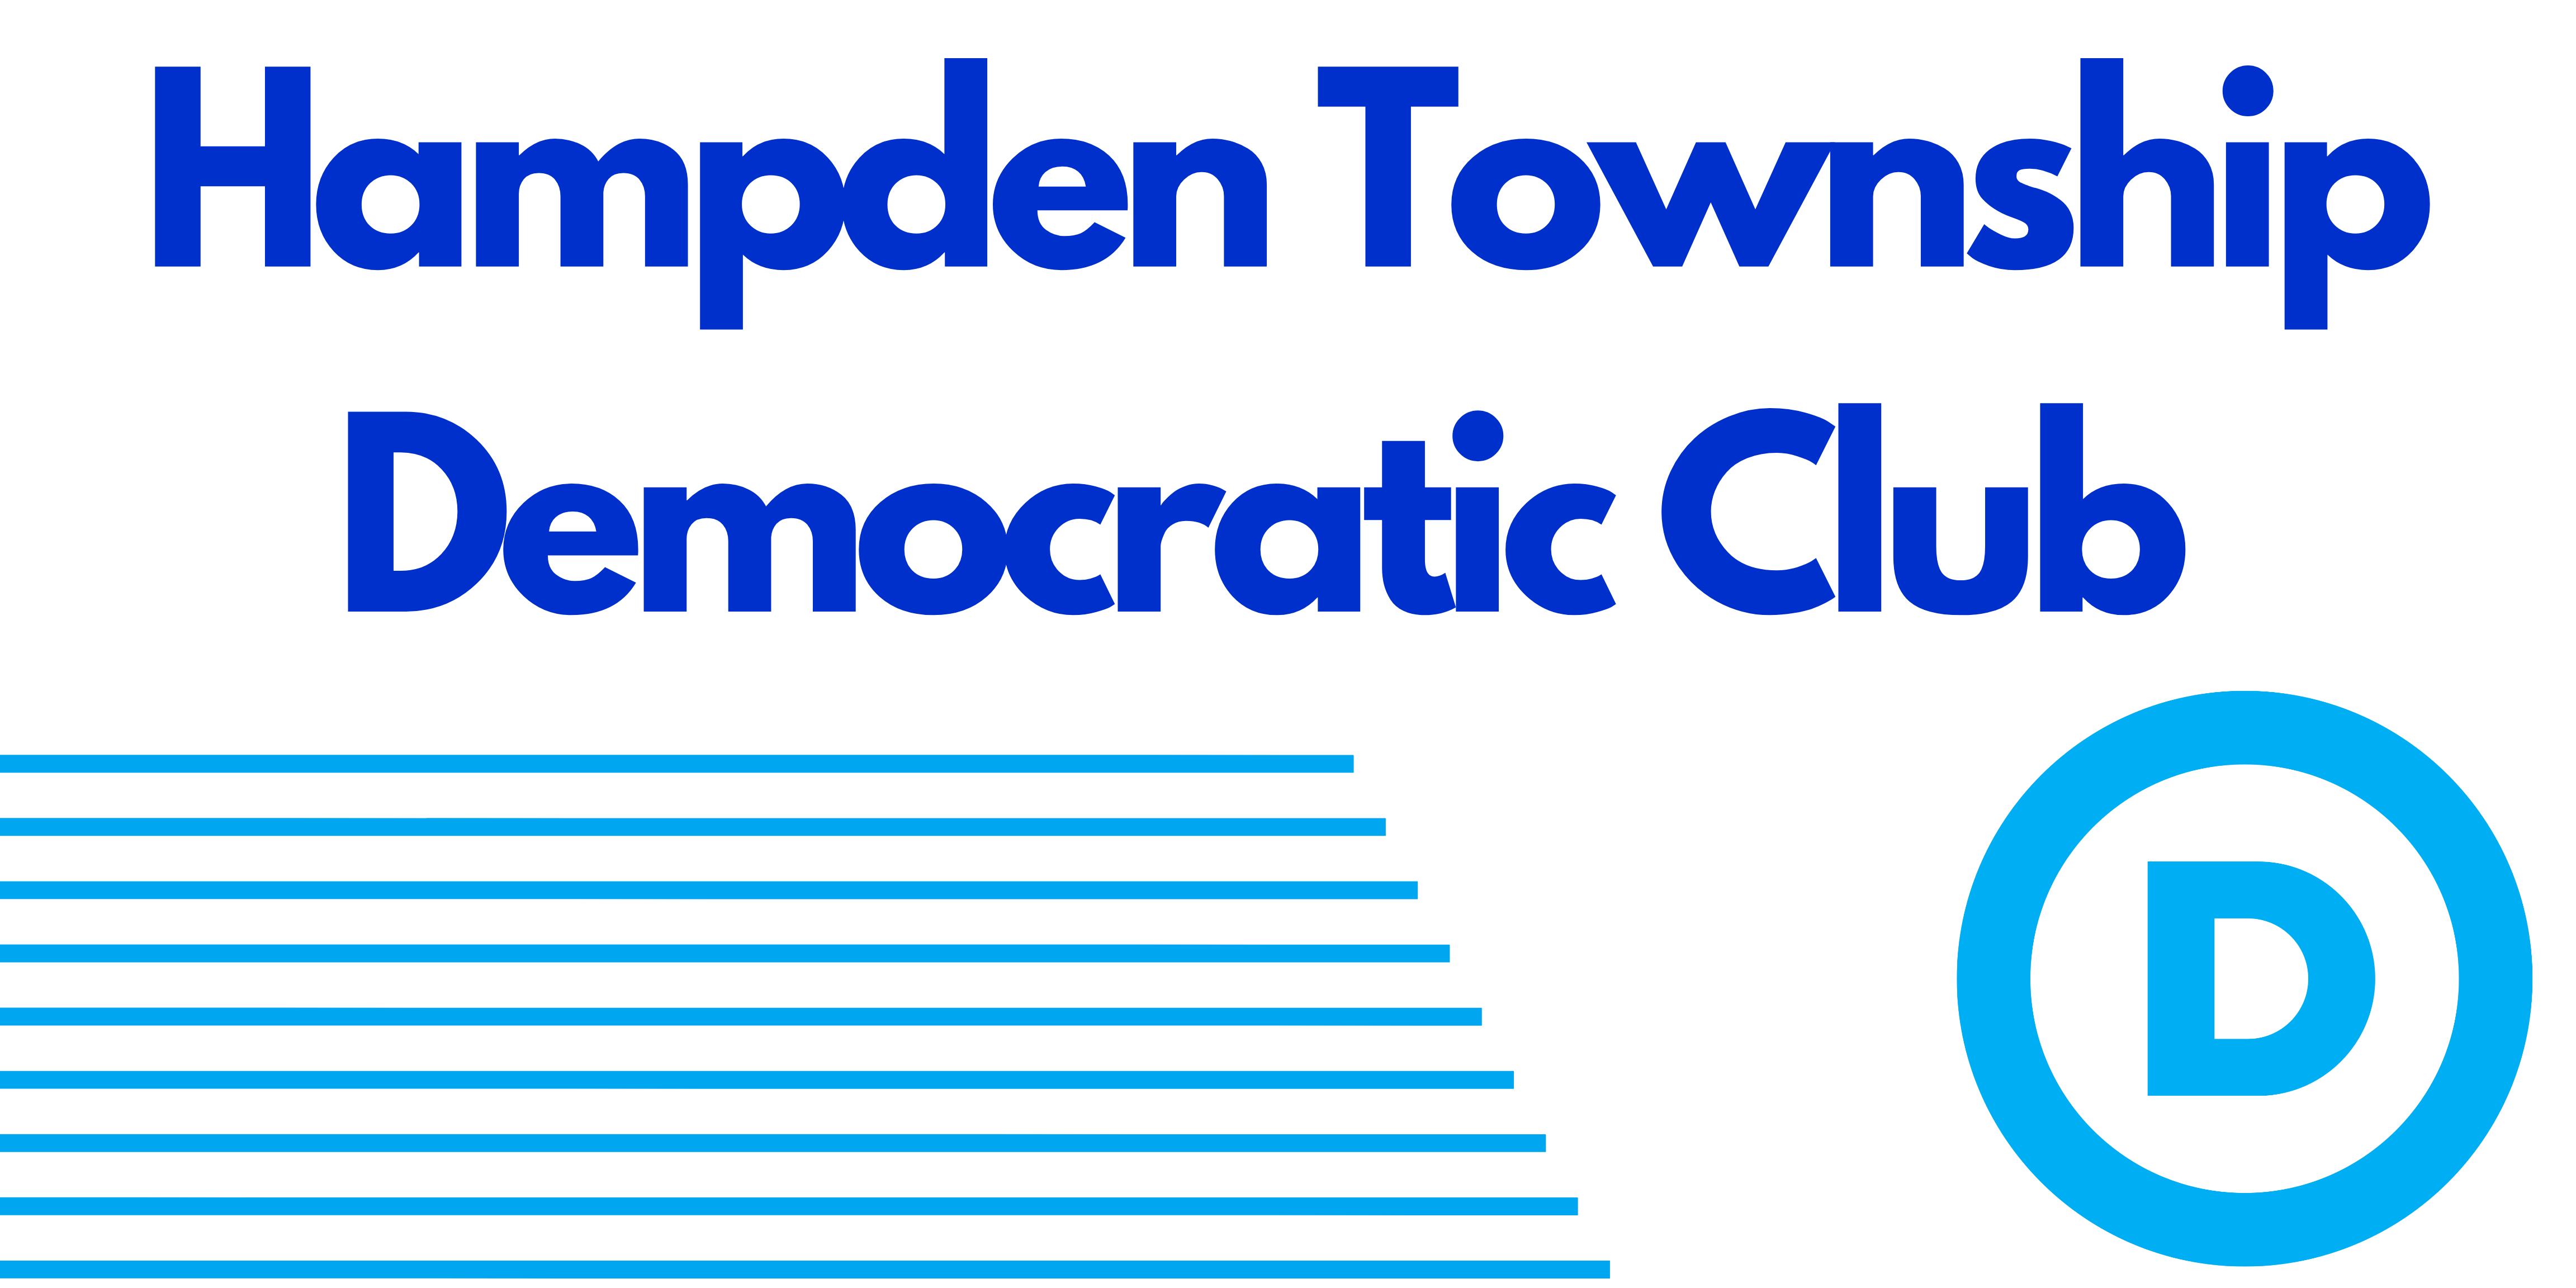 Hampden Township Democratic Club (PA)